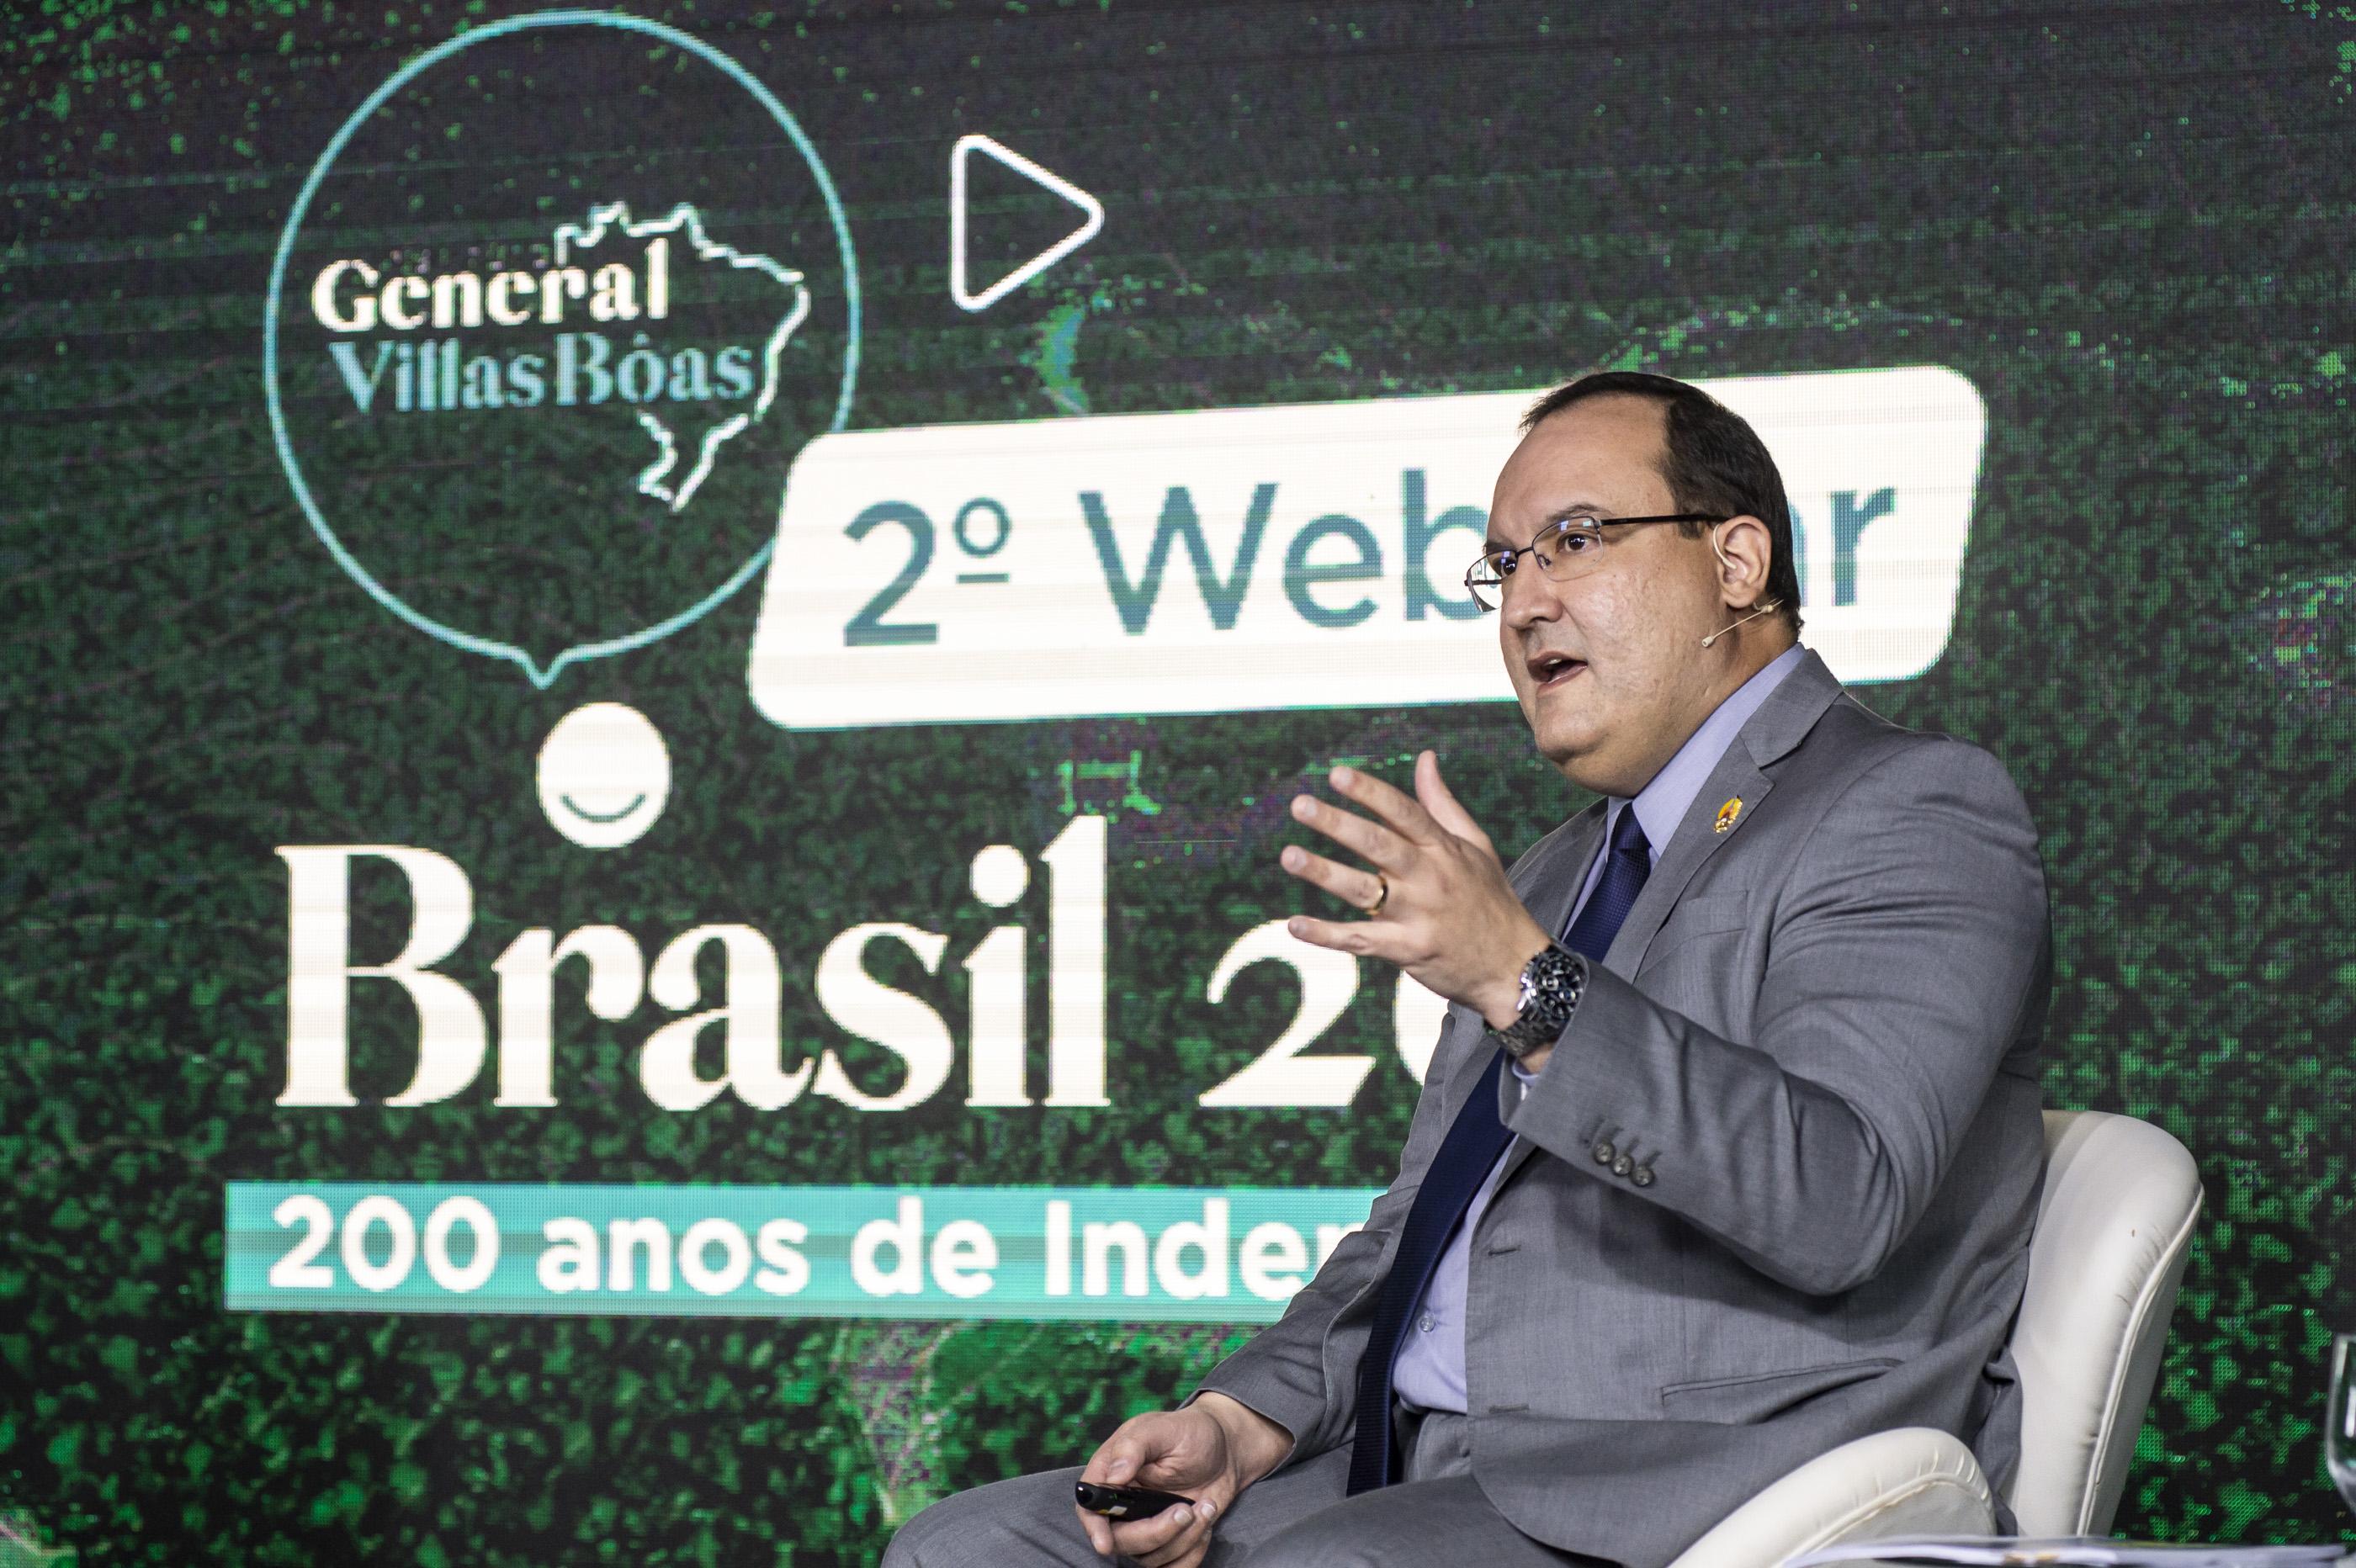 Em webinar do Instituto General Villas Bôas, presidente da Funai destaca uso econômico sustentável de Terras Indígenas